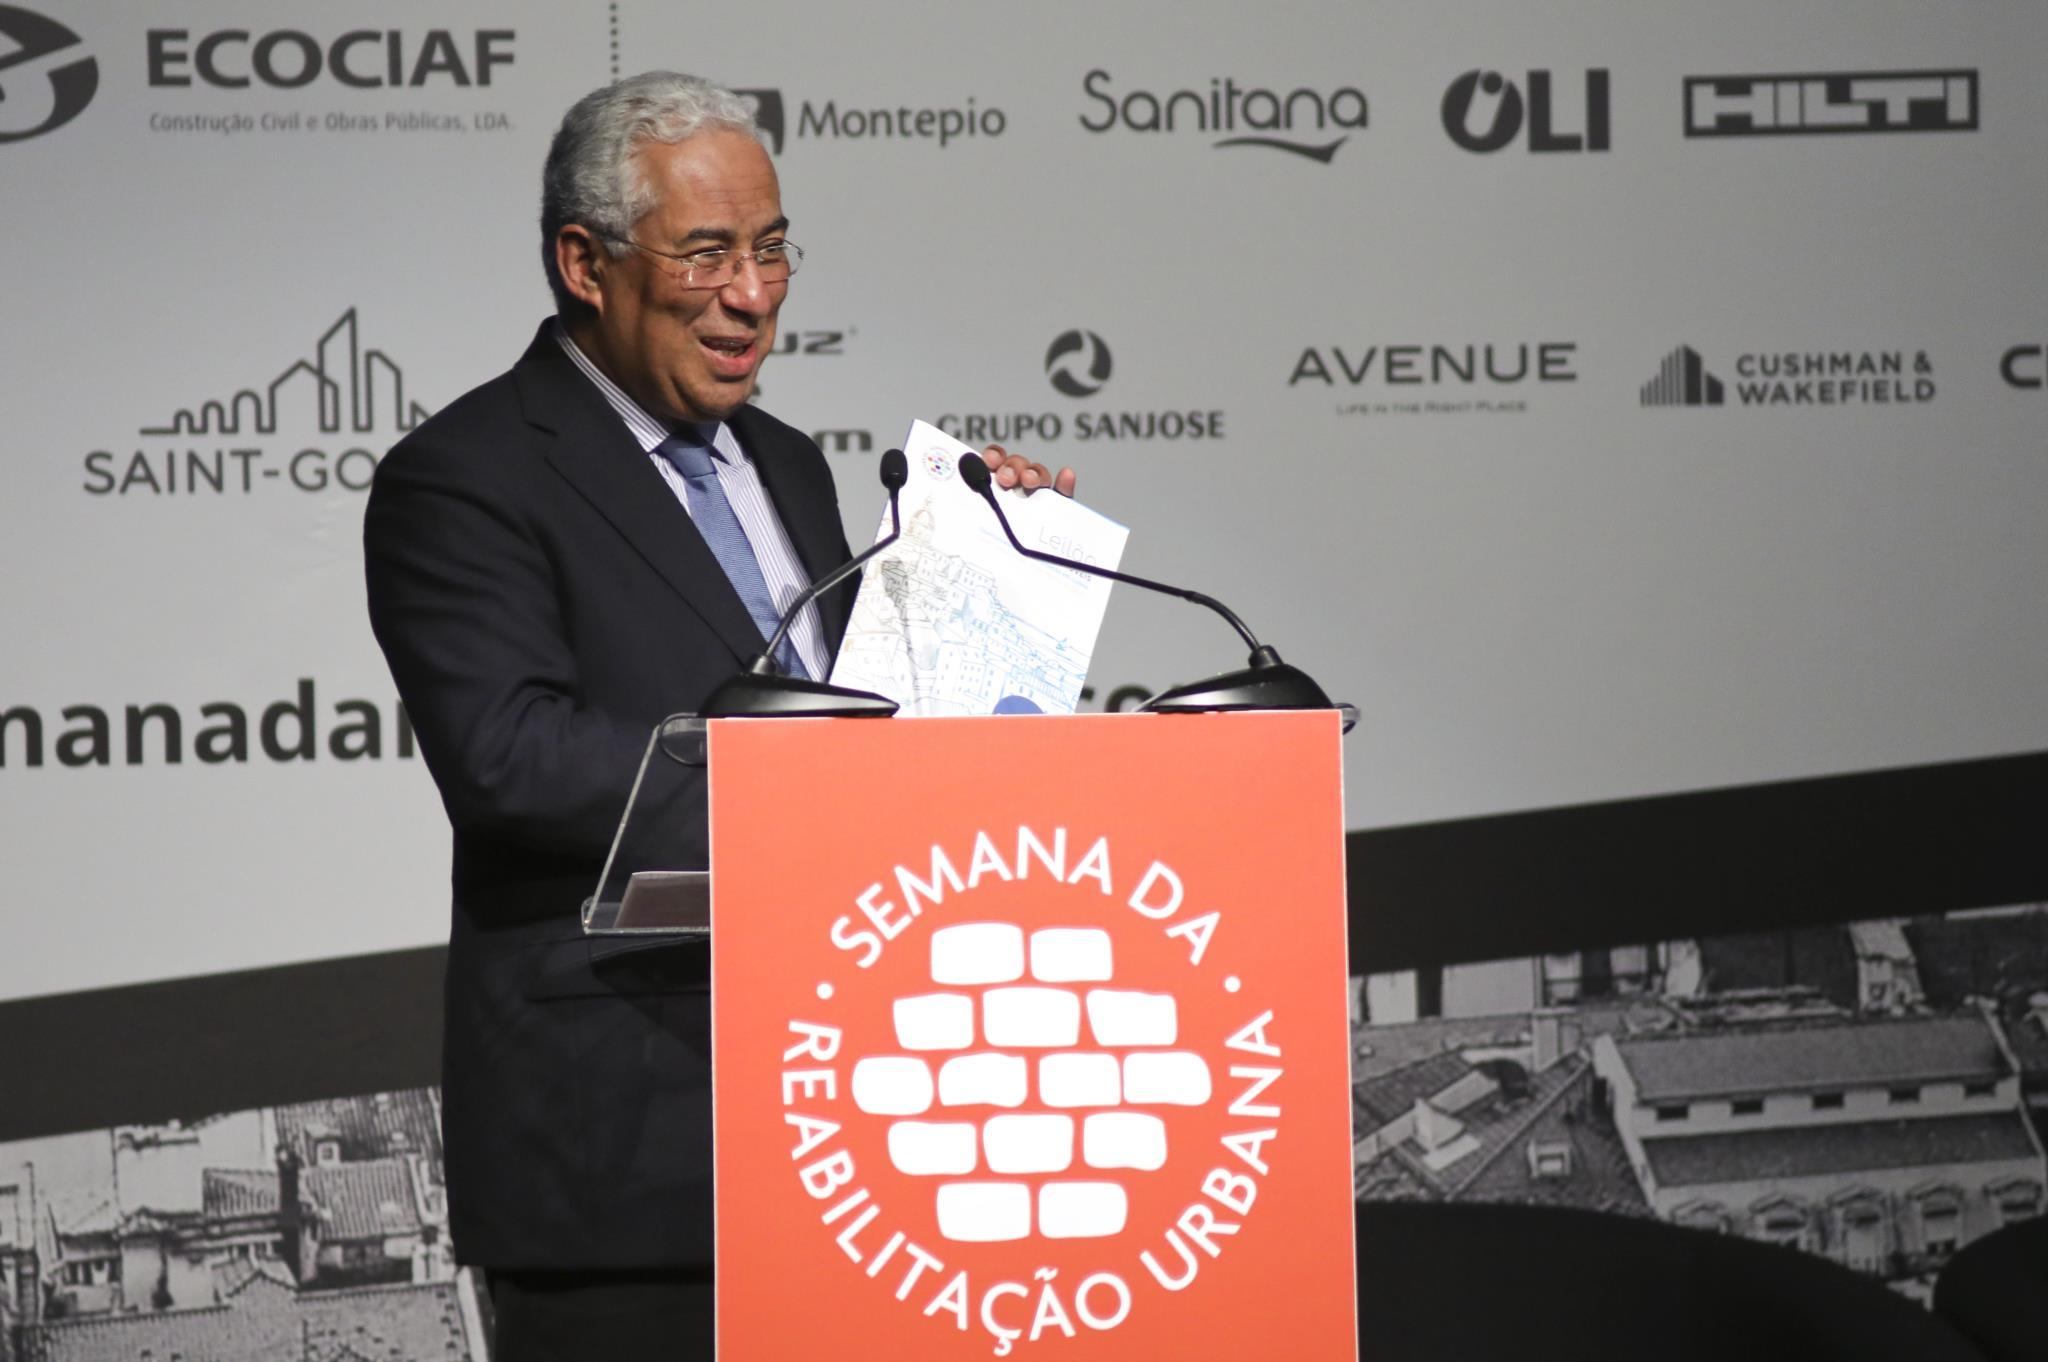 """PÚBLICO - António Costa: """"É necessário preservar a identidade das cidades"""""""